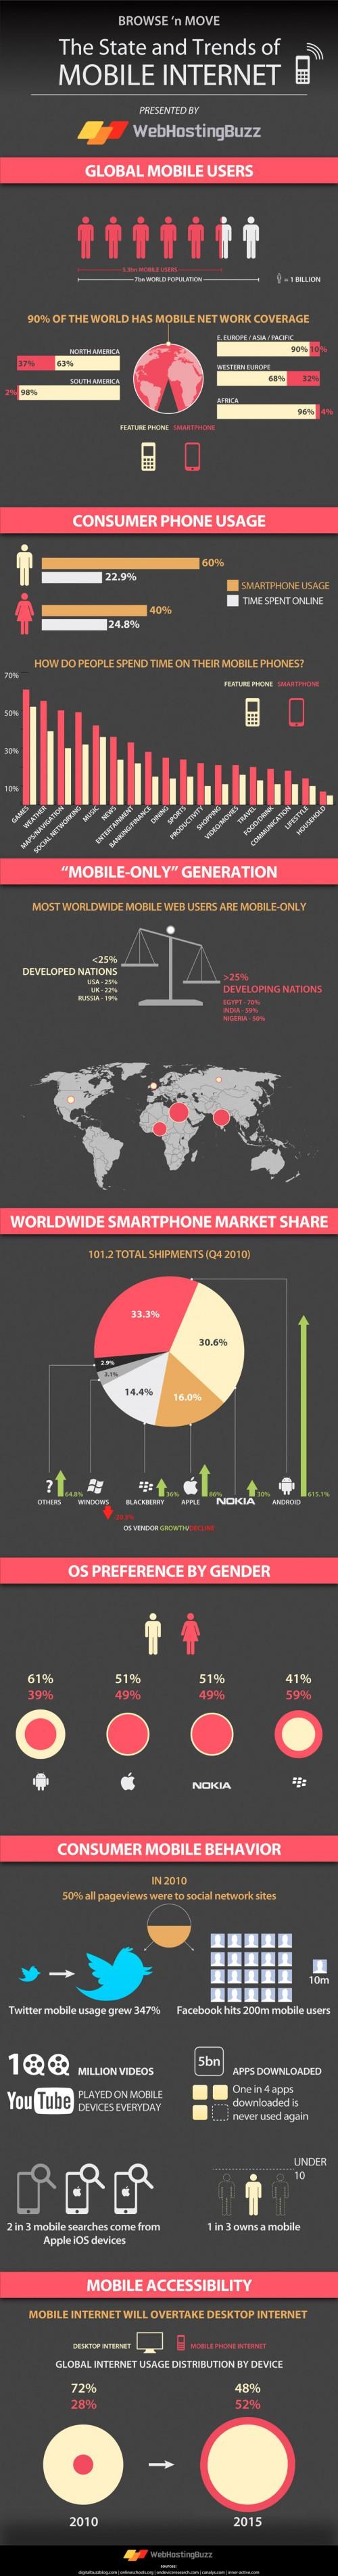 L'internet mobile dans le monde